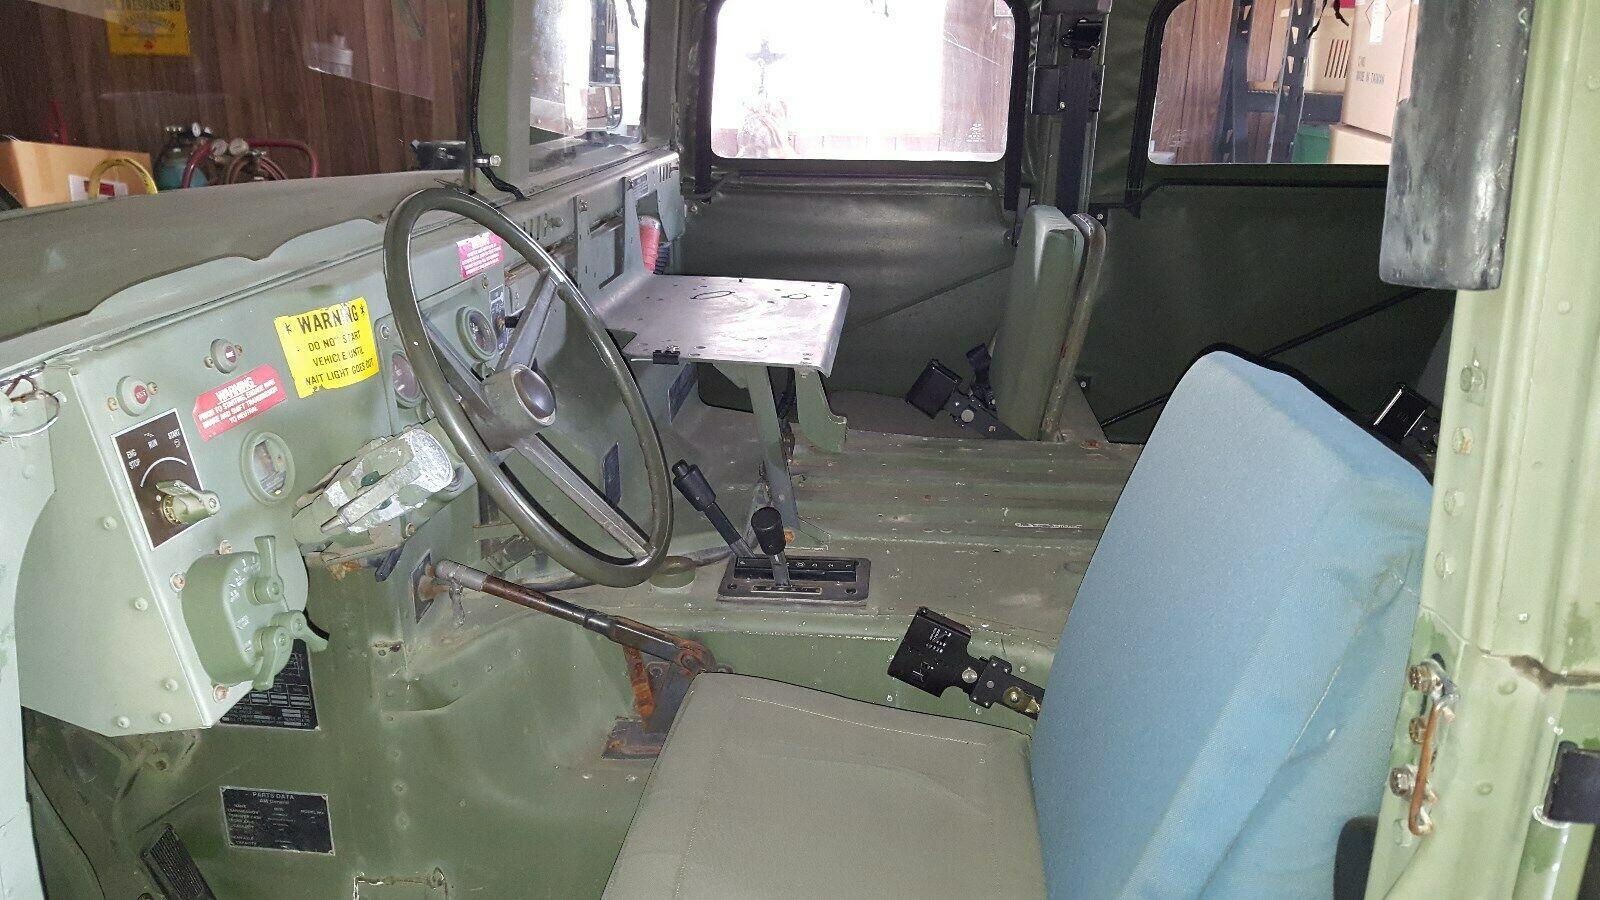 low mielage 1985 AM General M998 Humvee Military